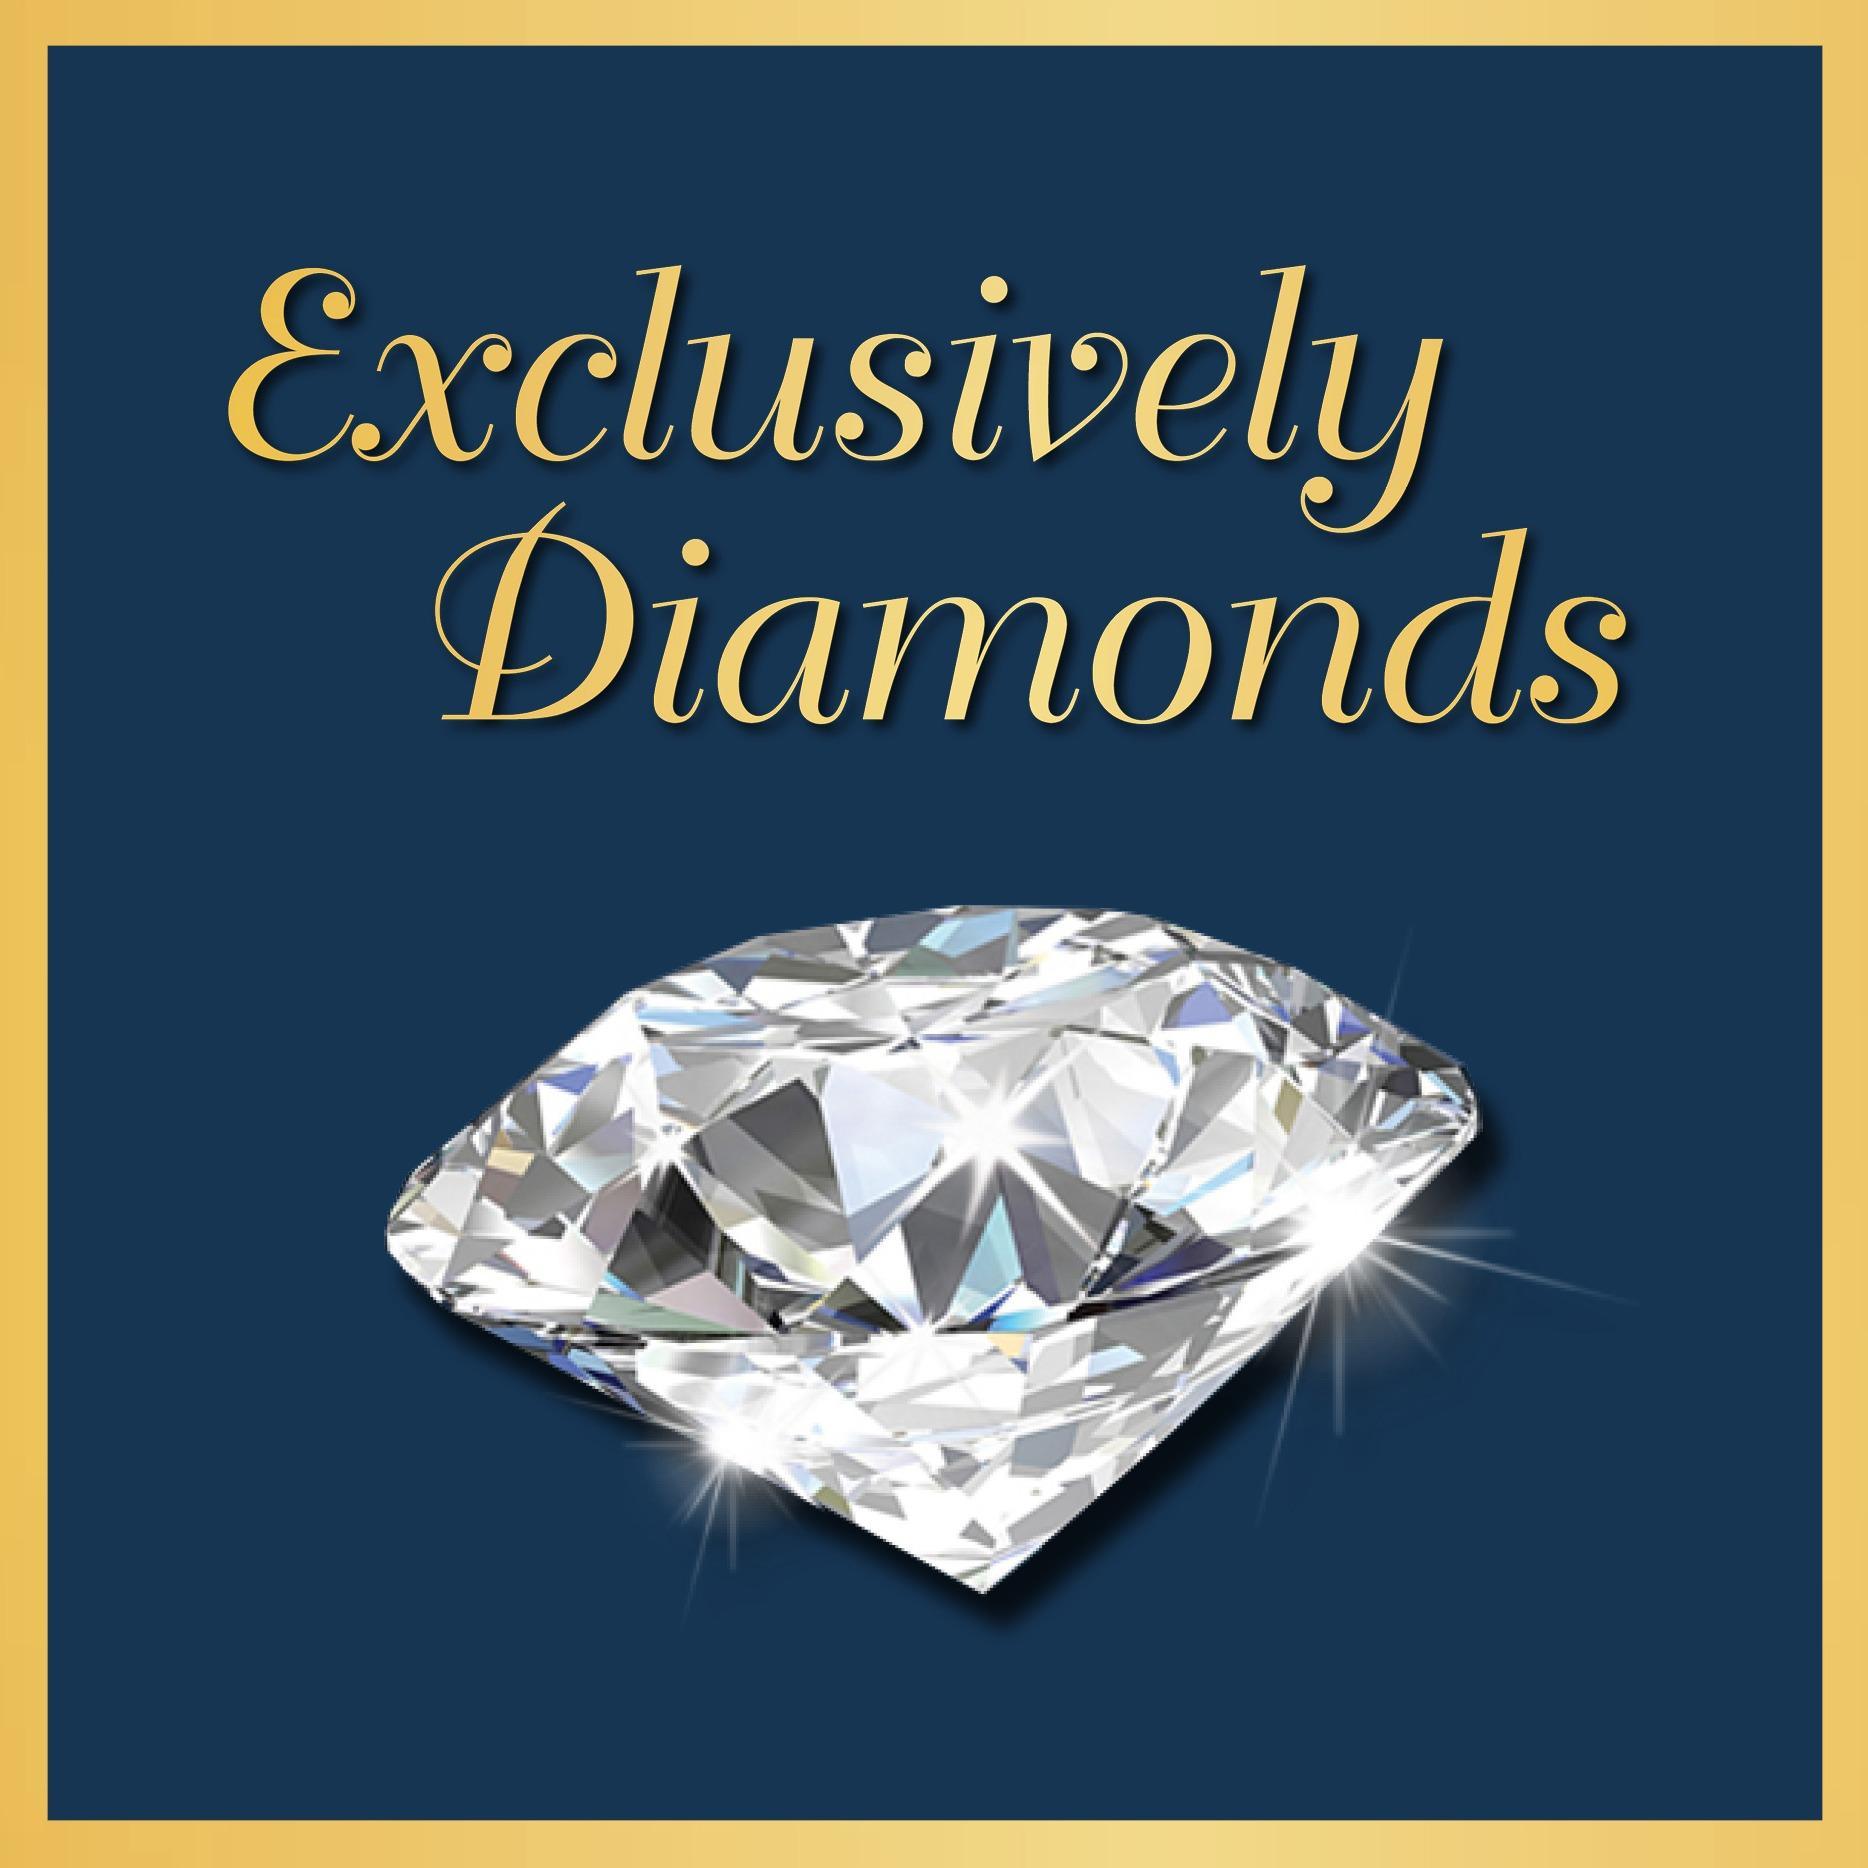 Exclusively Diamonds